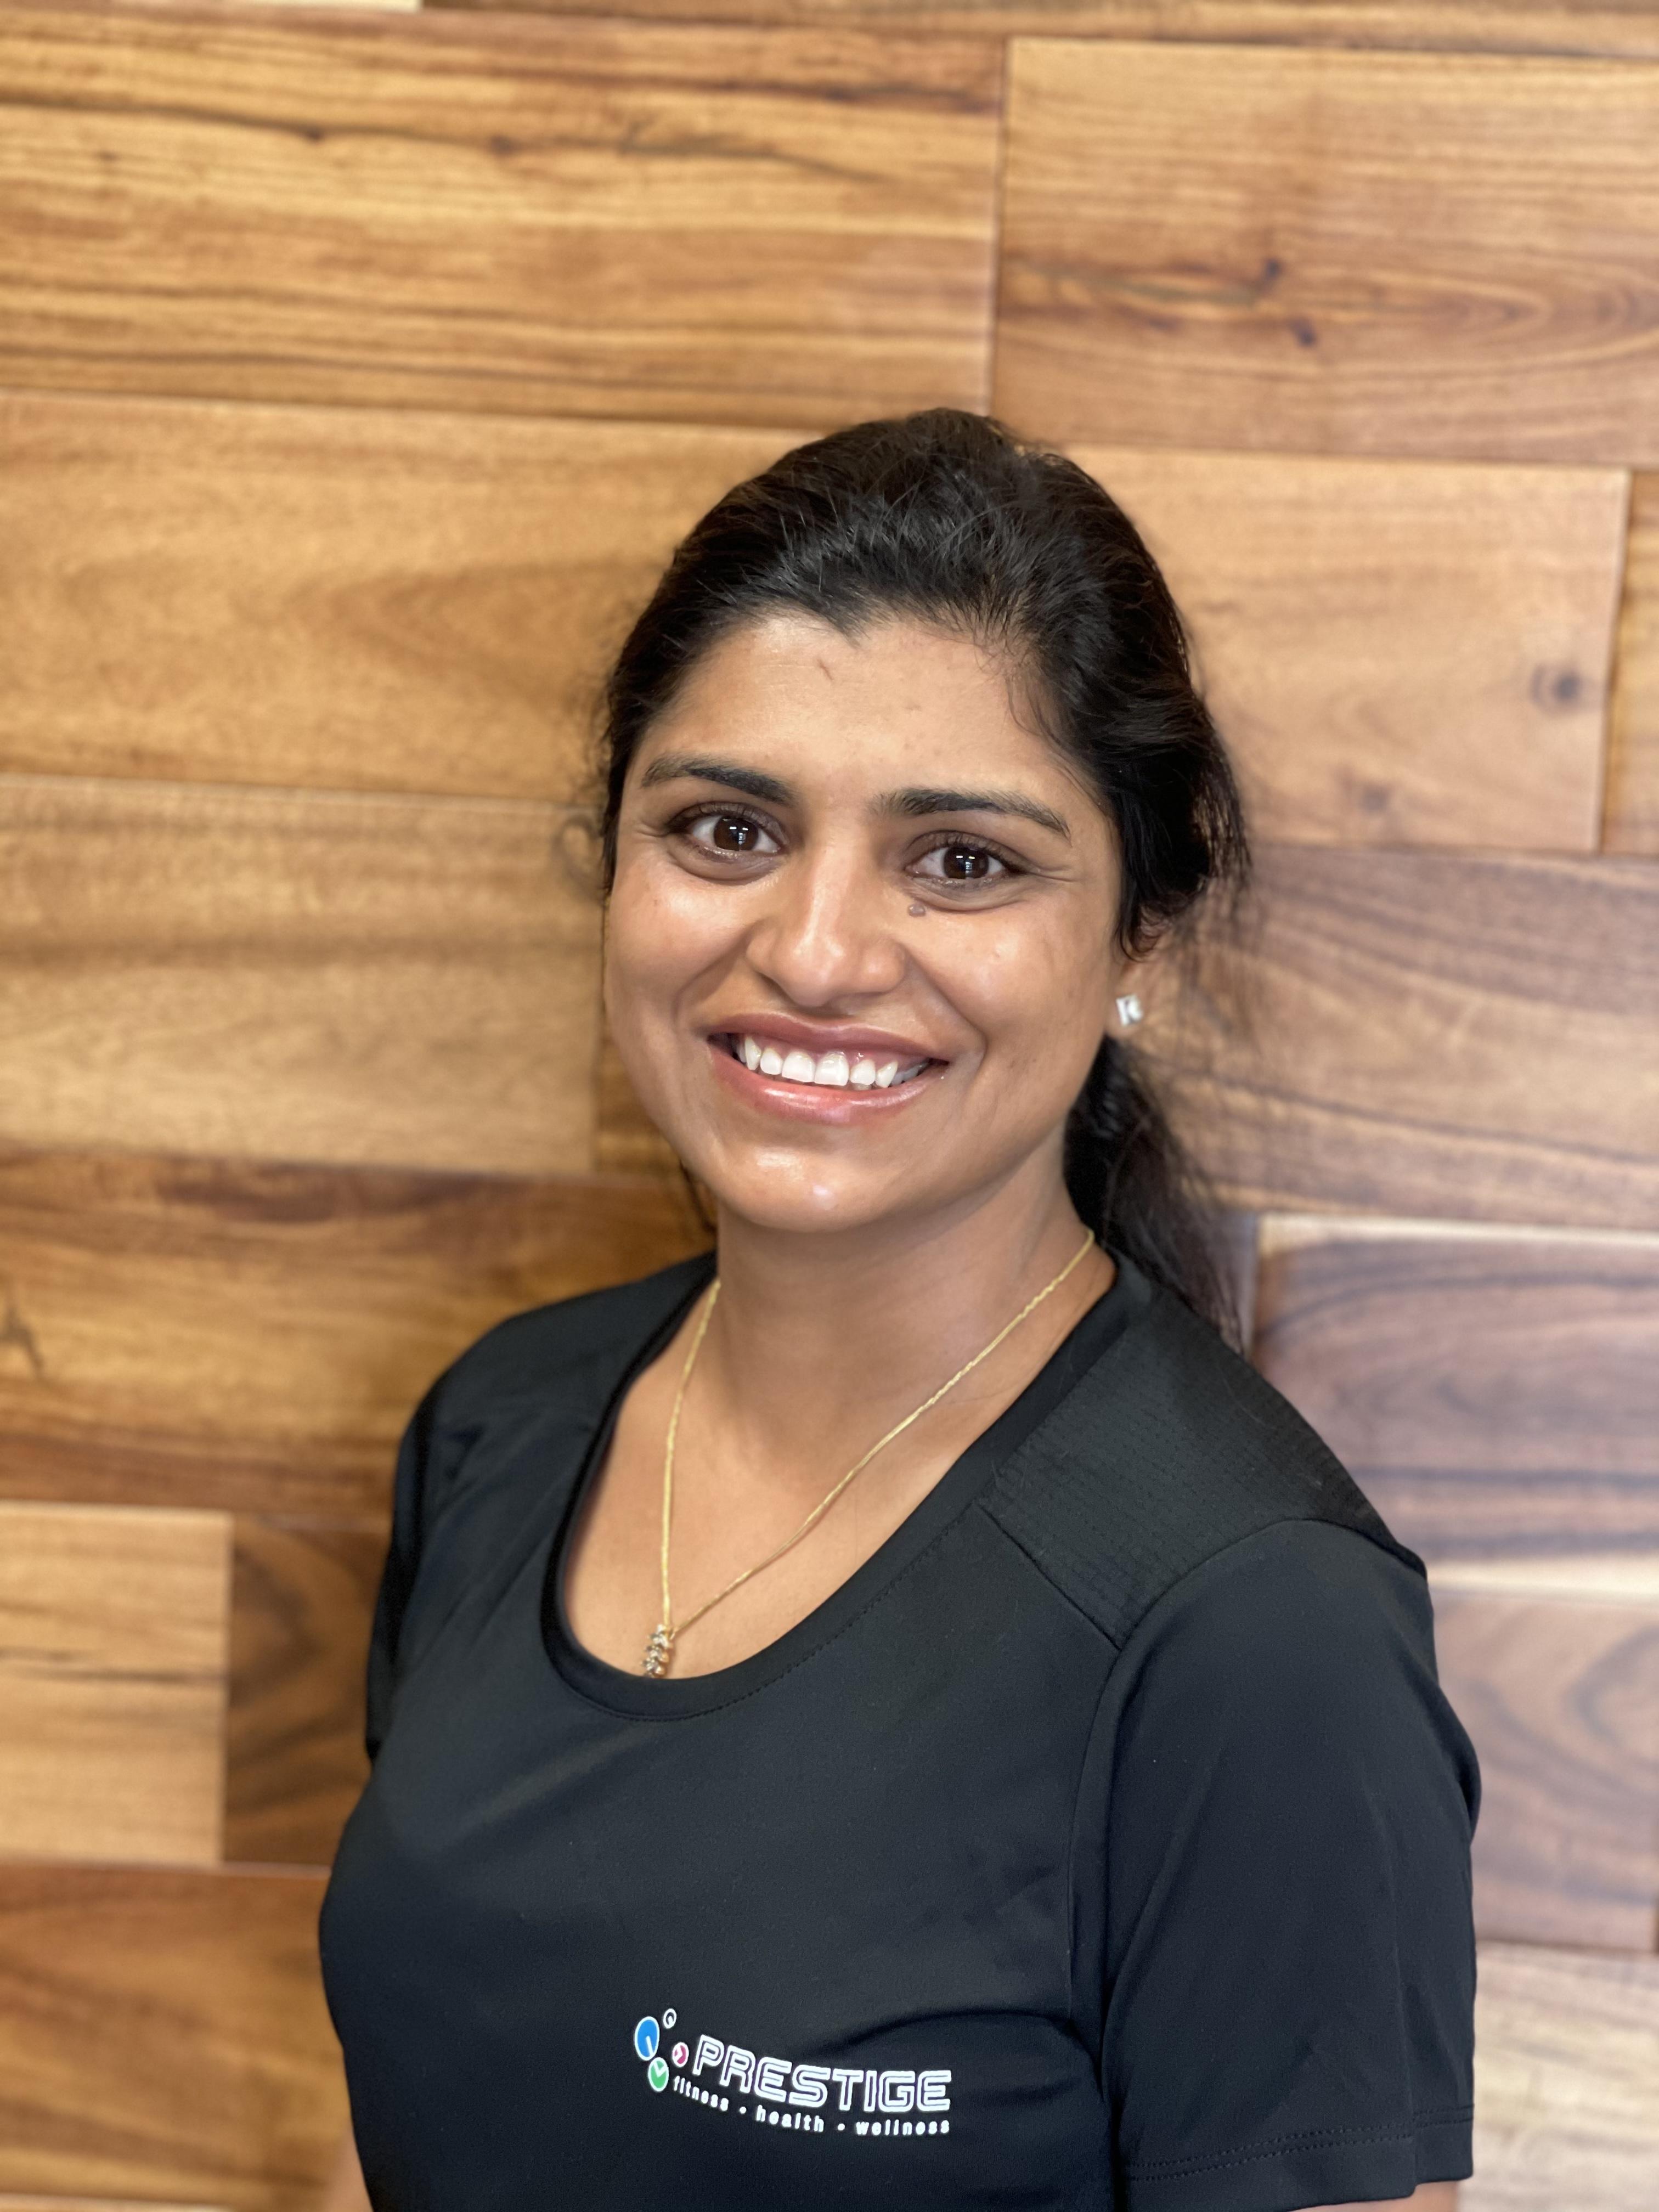 Aparna Kohli